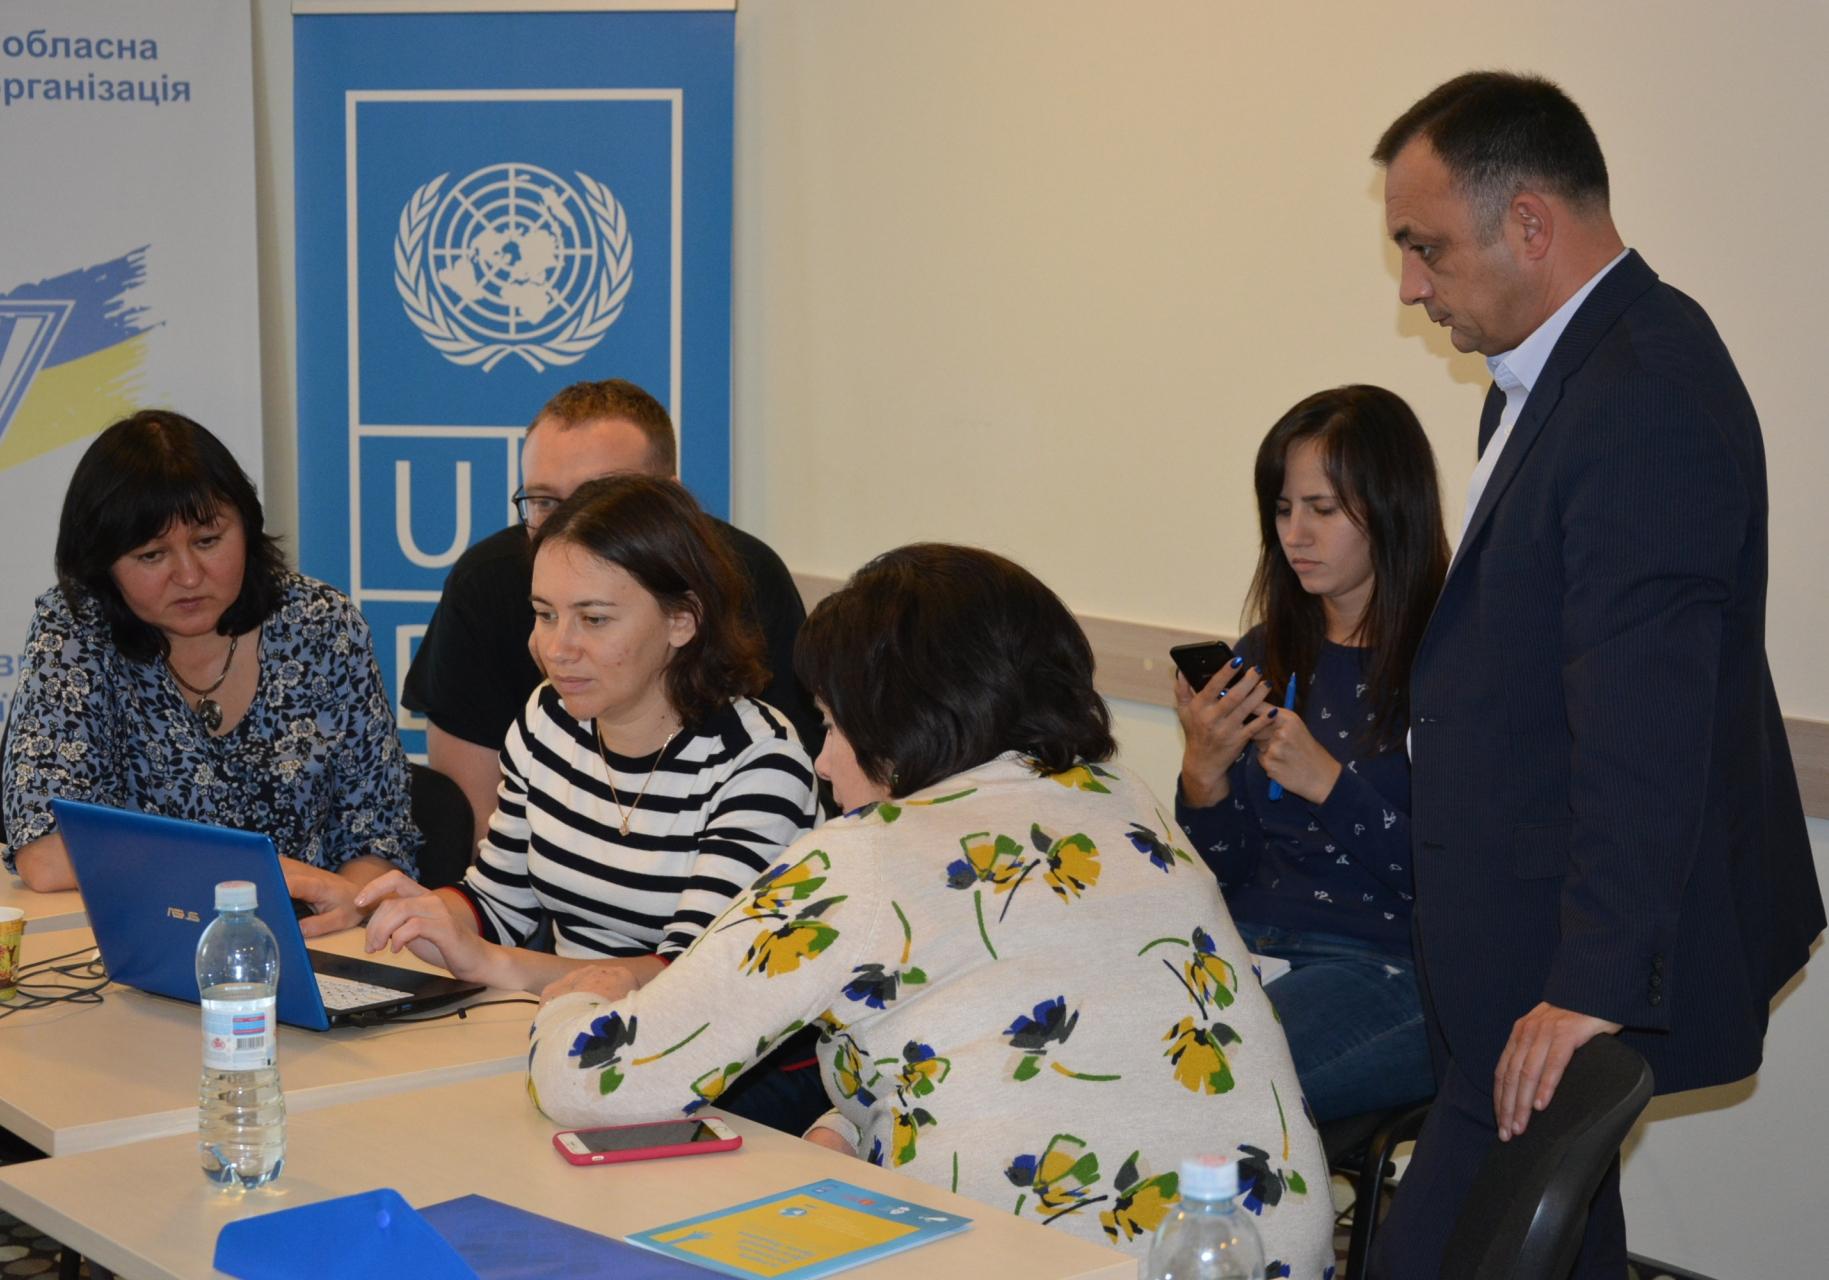 Робоча зустріч членів Мережі в Рівному, 15 жовтня 2018 року